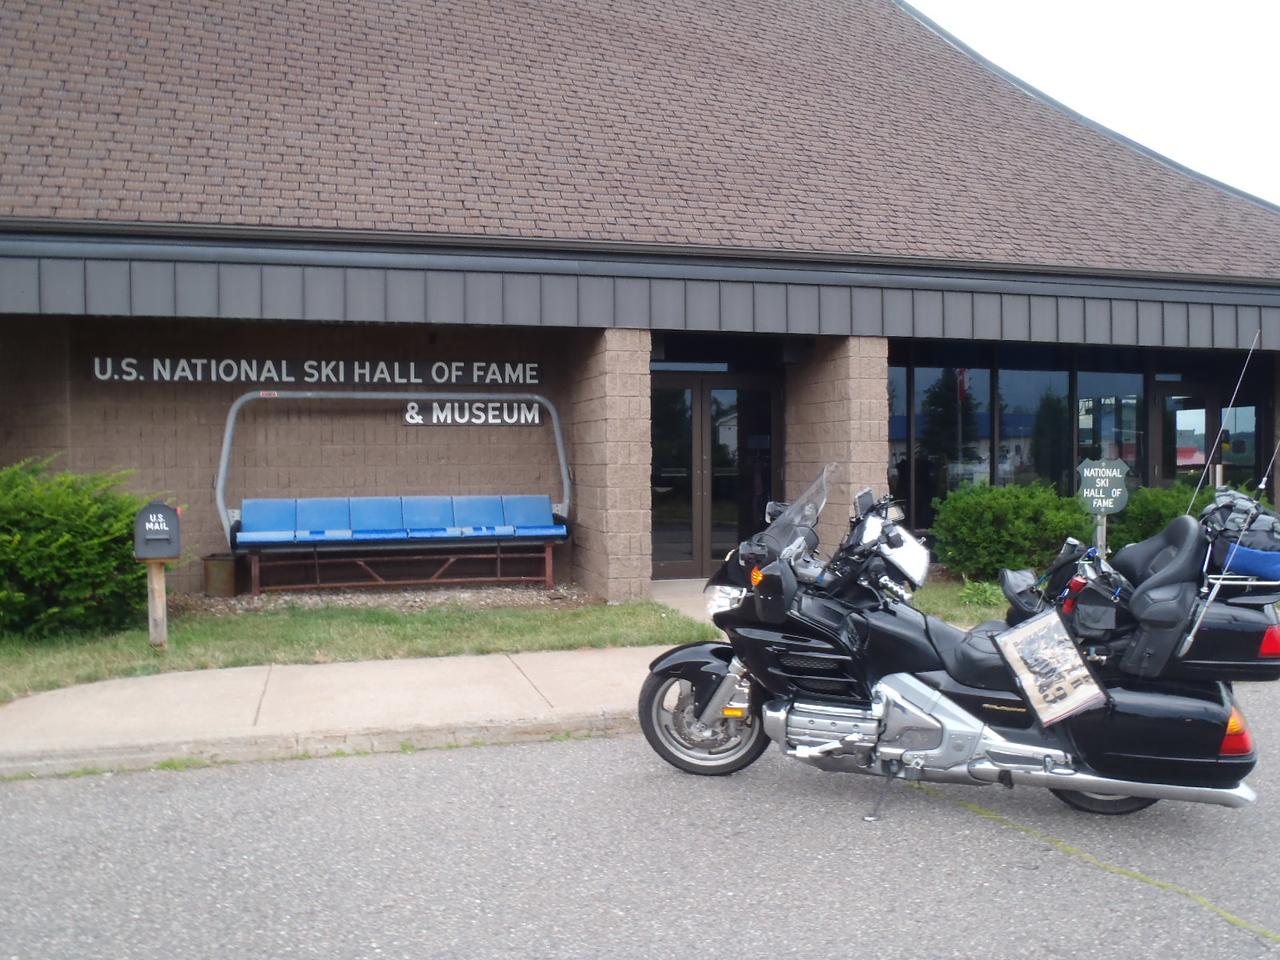 191 US National Ski Hall of Fame